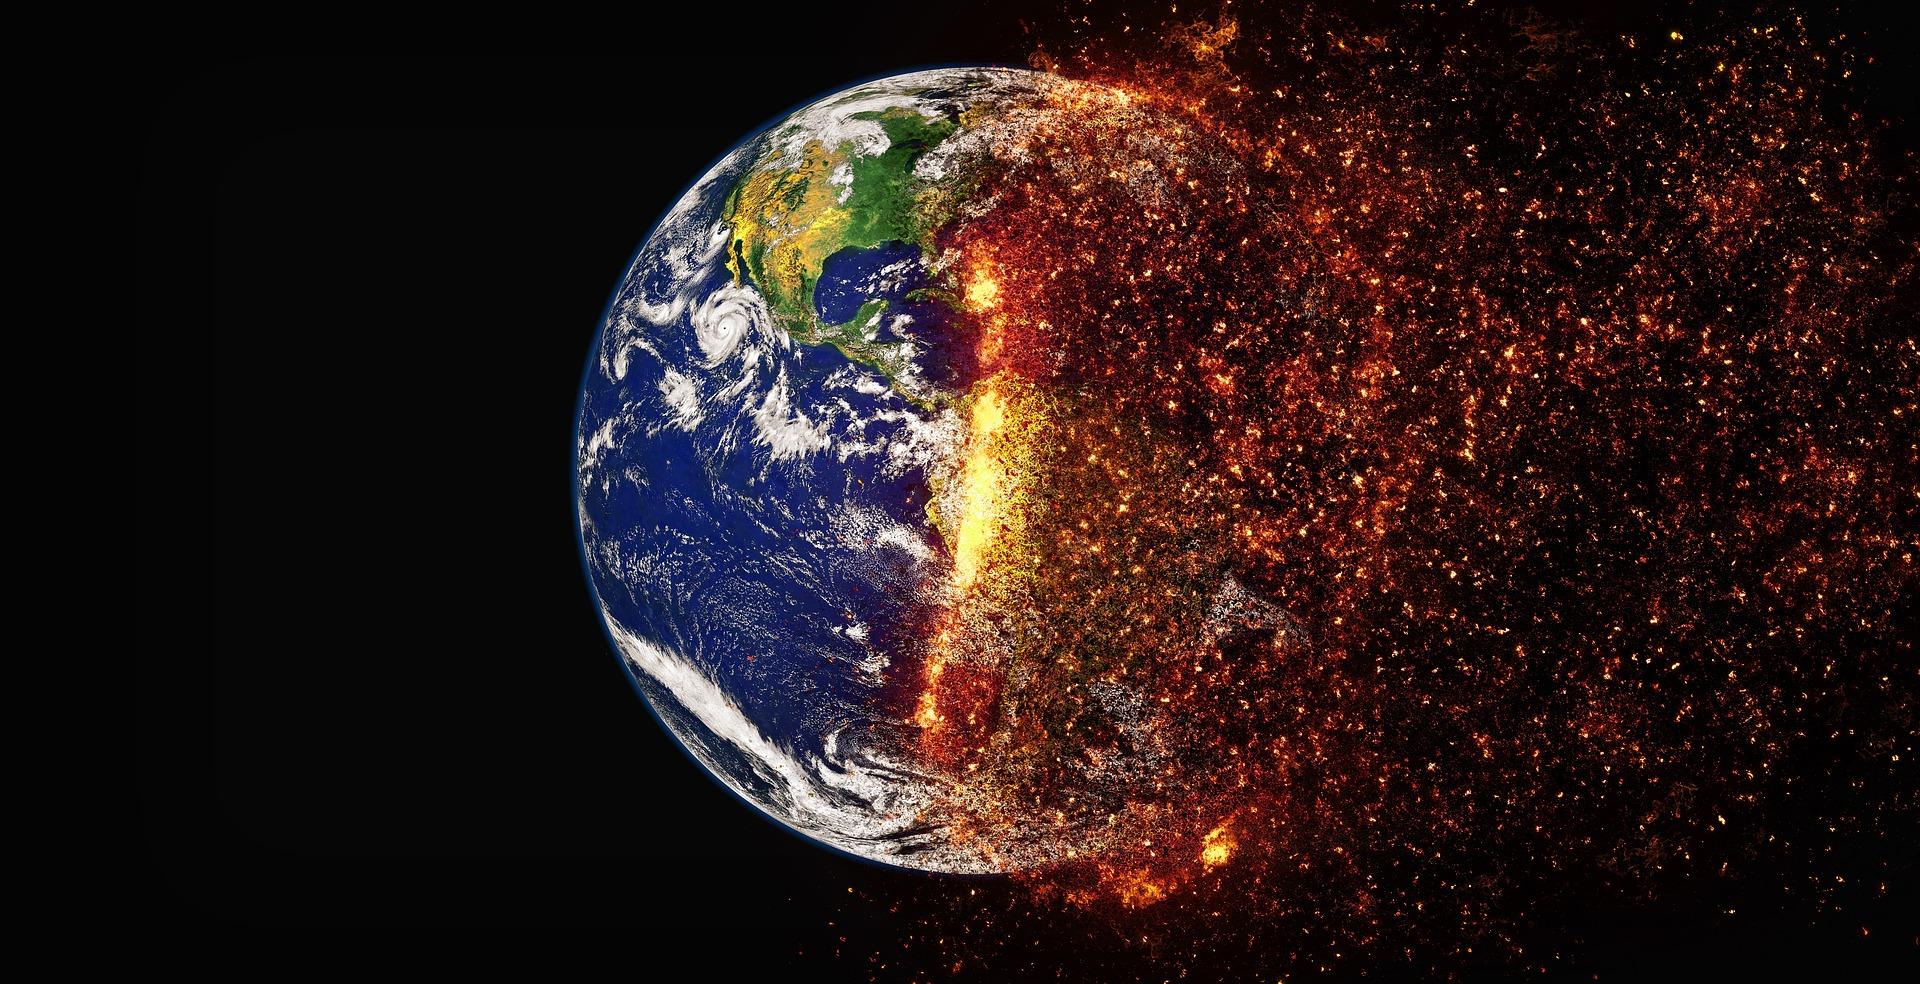 La terre vue de l'espace, une moitié en combustion.